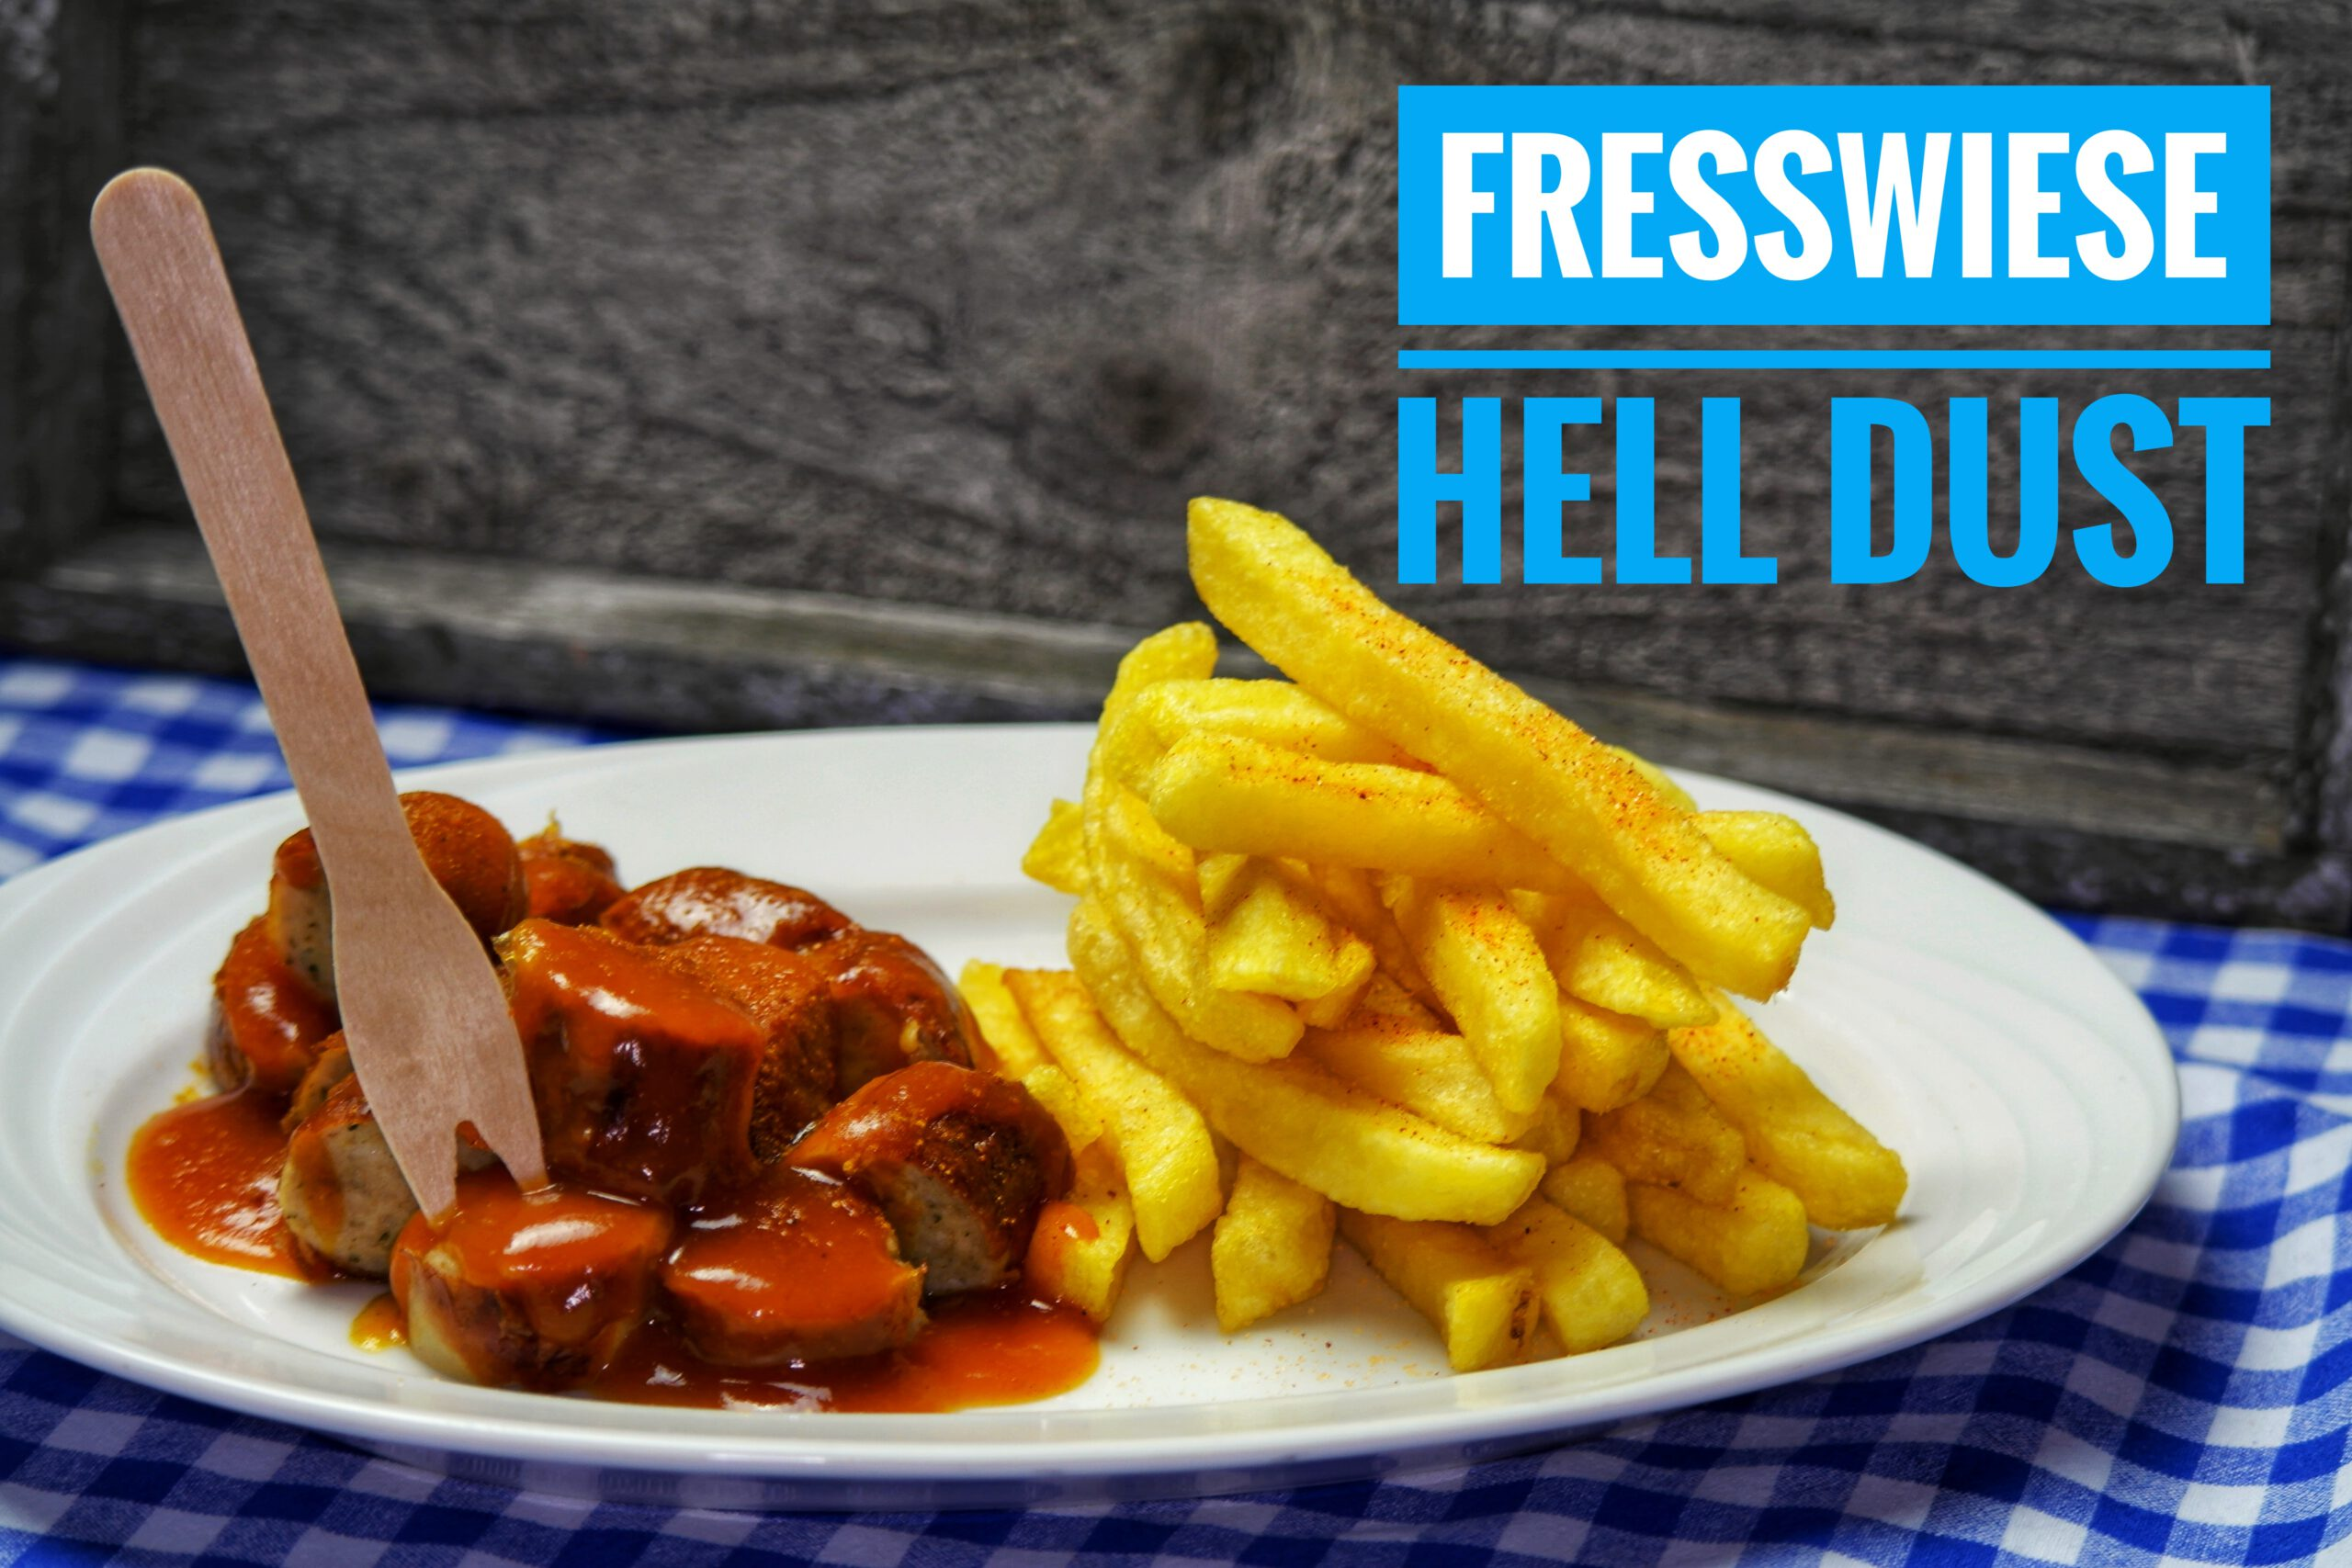 Fresswiese's HELL DUST